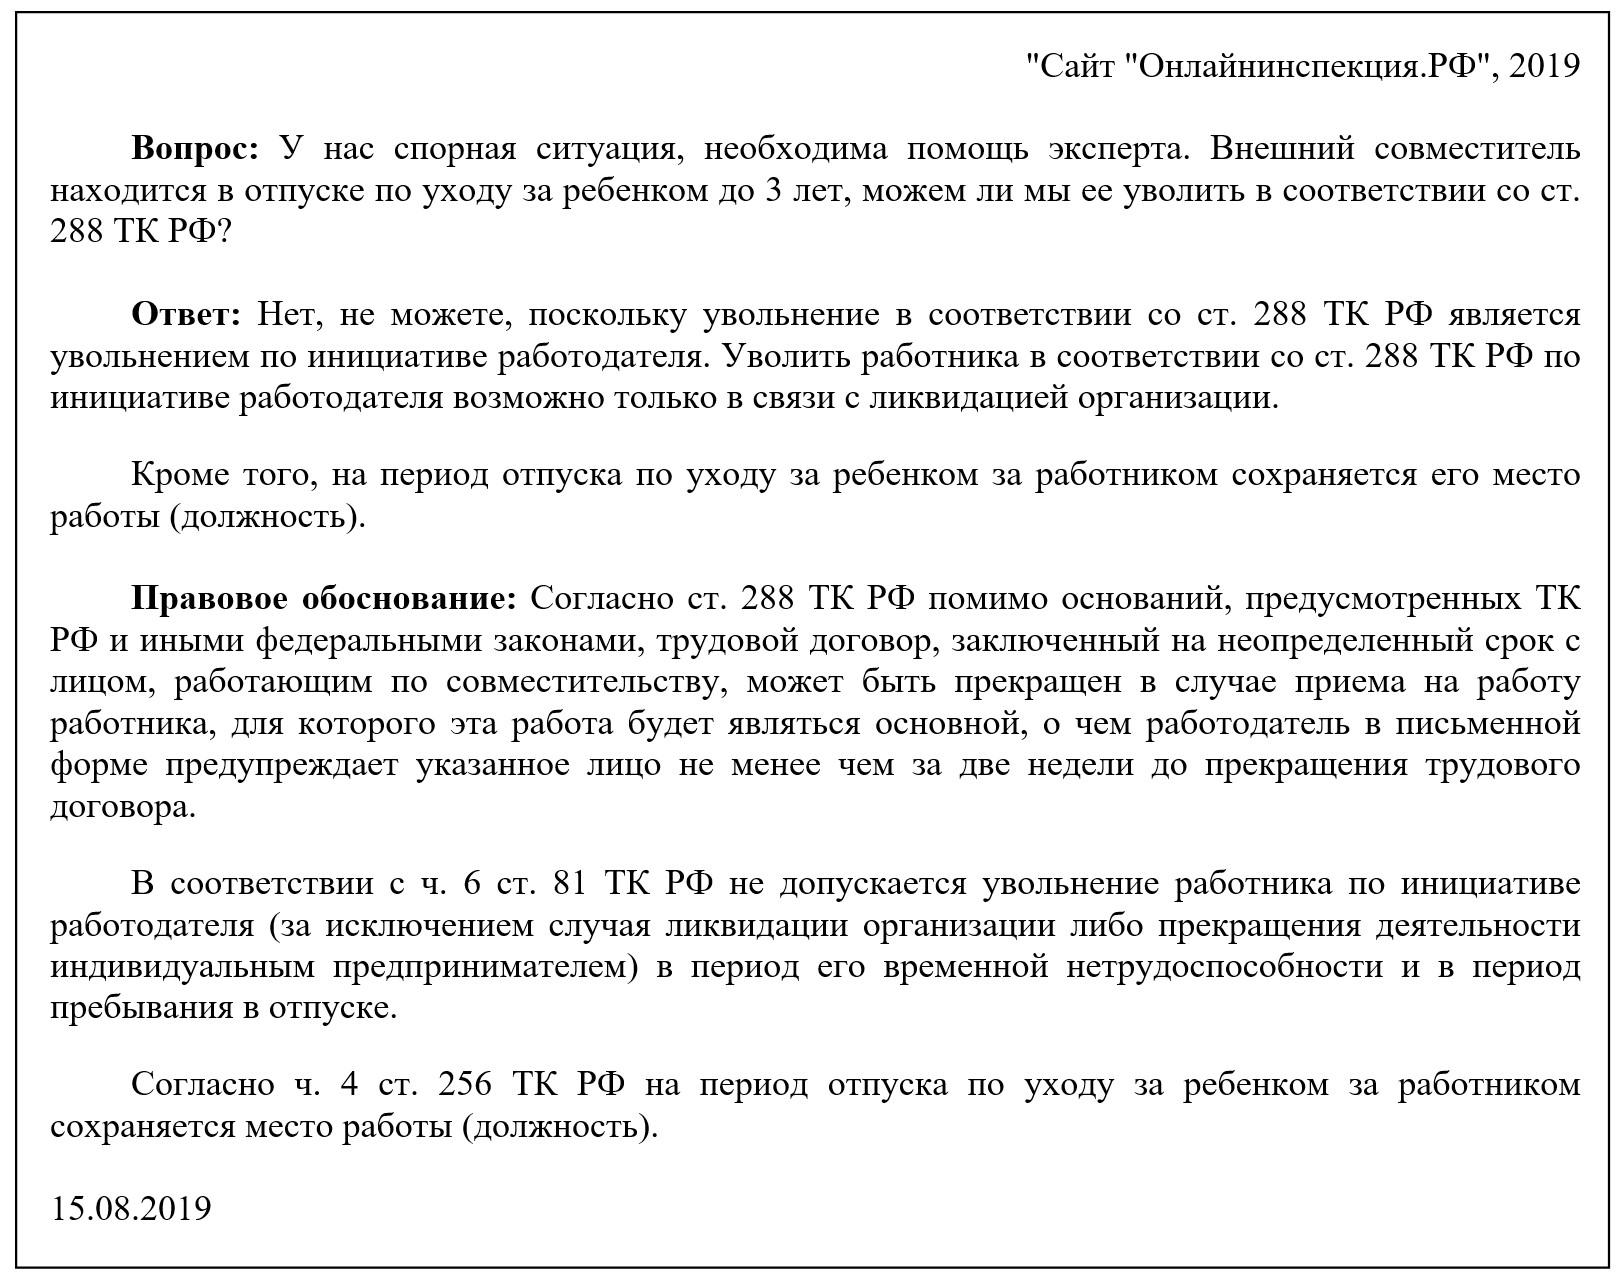 Увольнение совместителя с ребенком (мнение экспертов онлайнинспекция.рф)